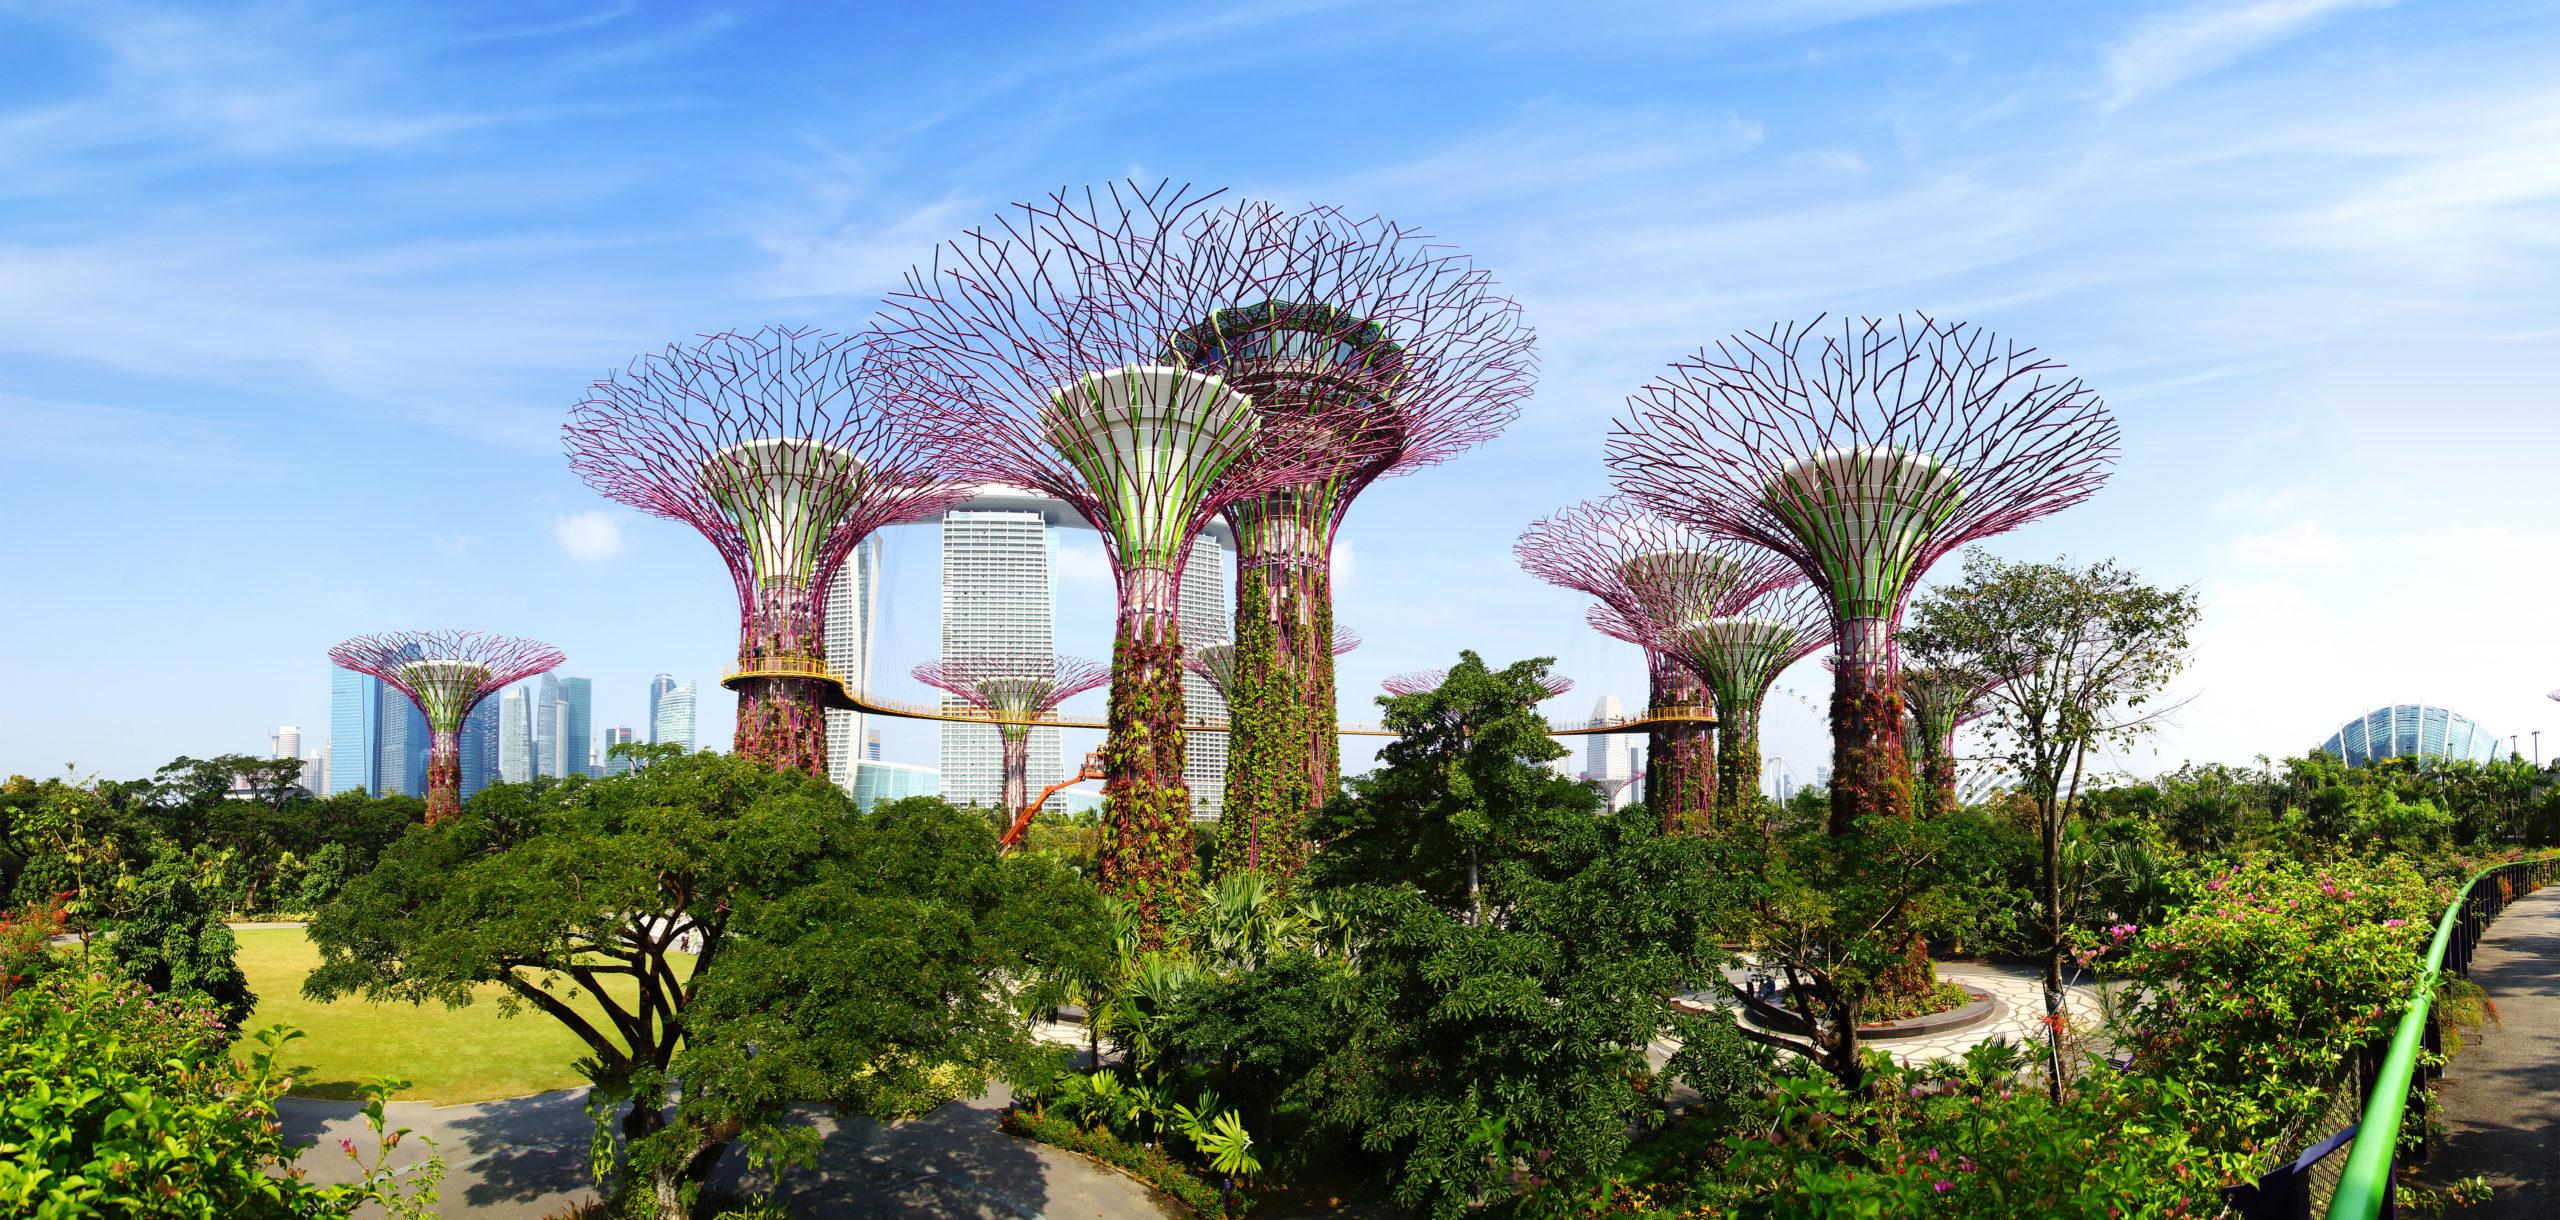 Ein Beispiel für Grünflächen in Großstädten